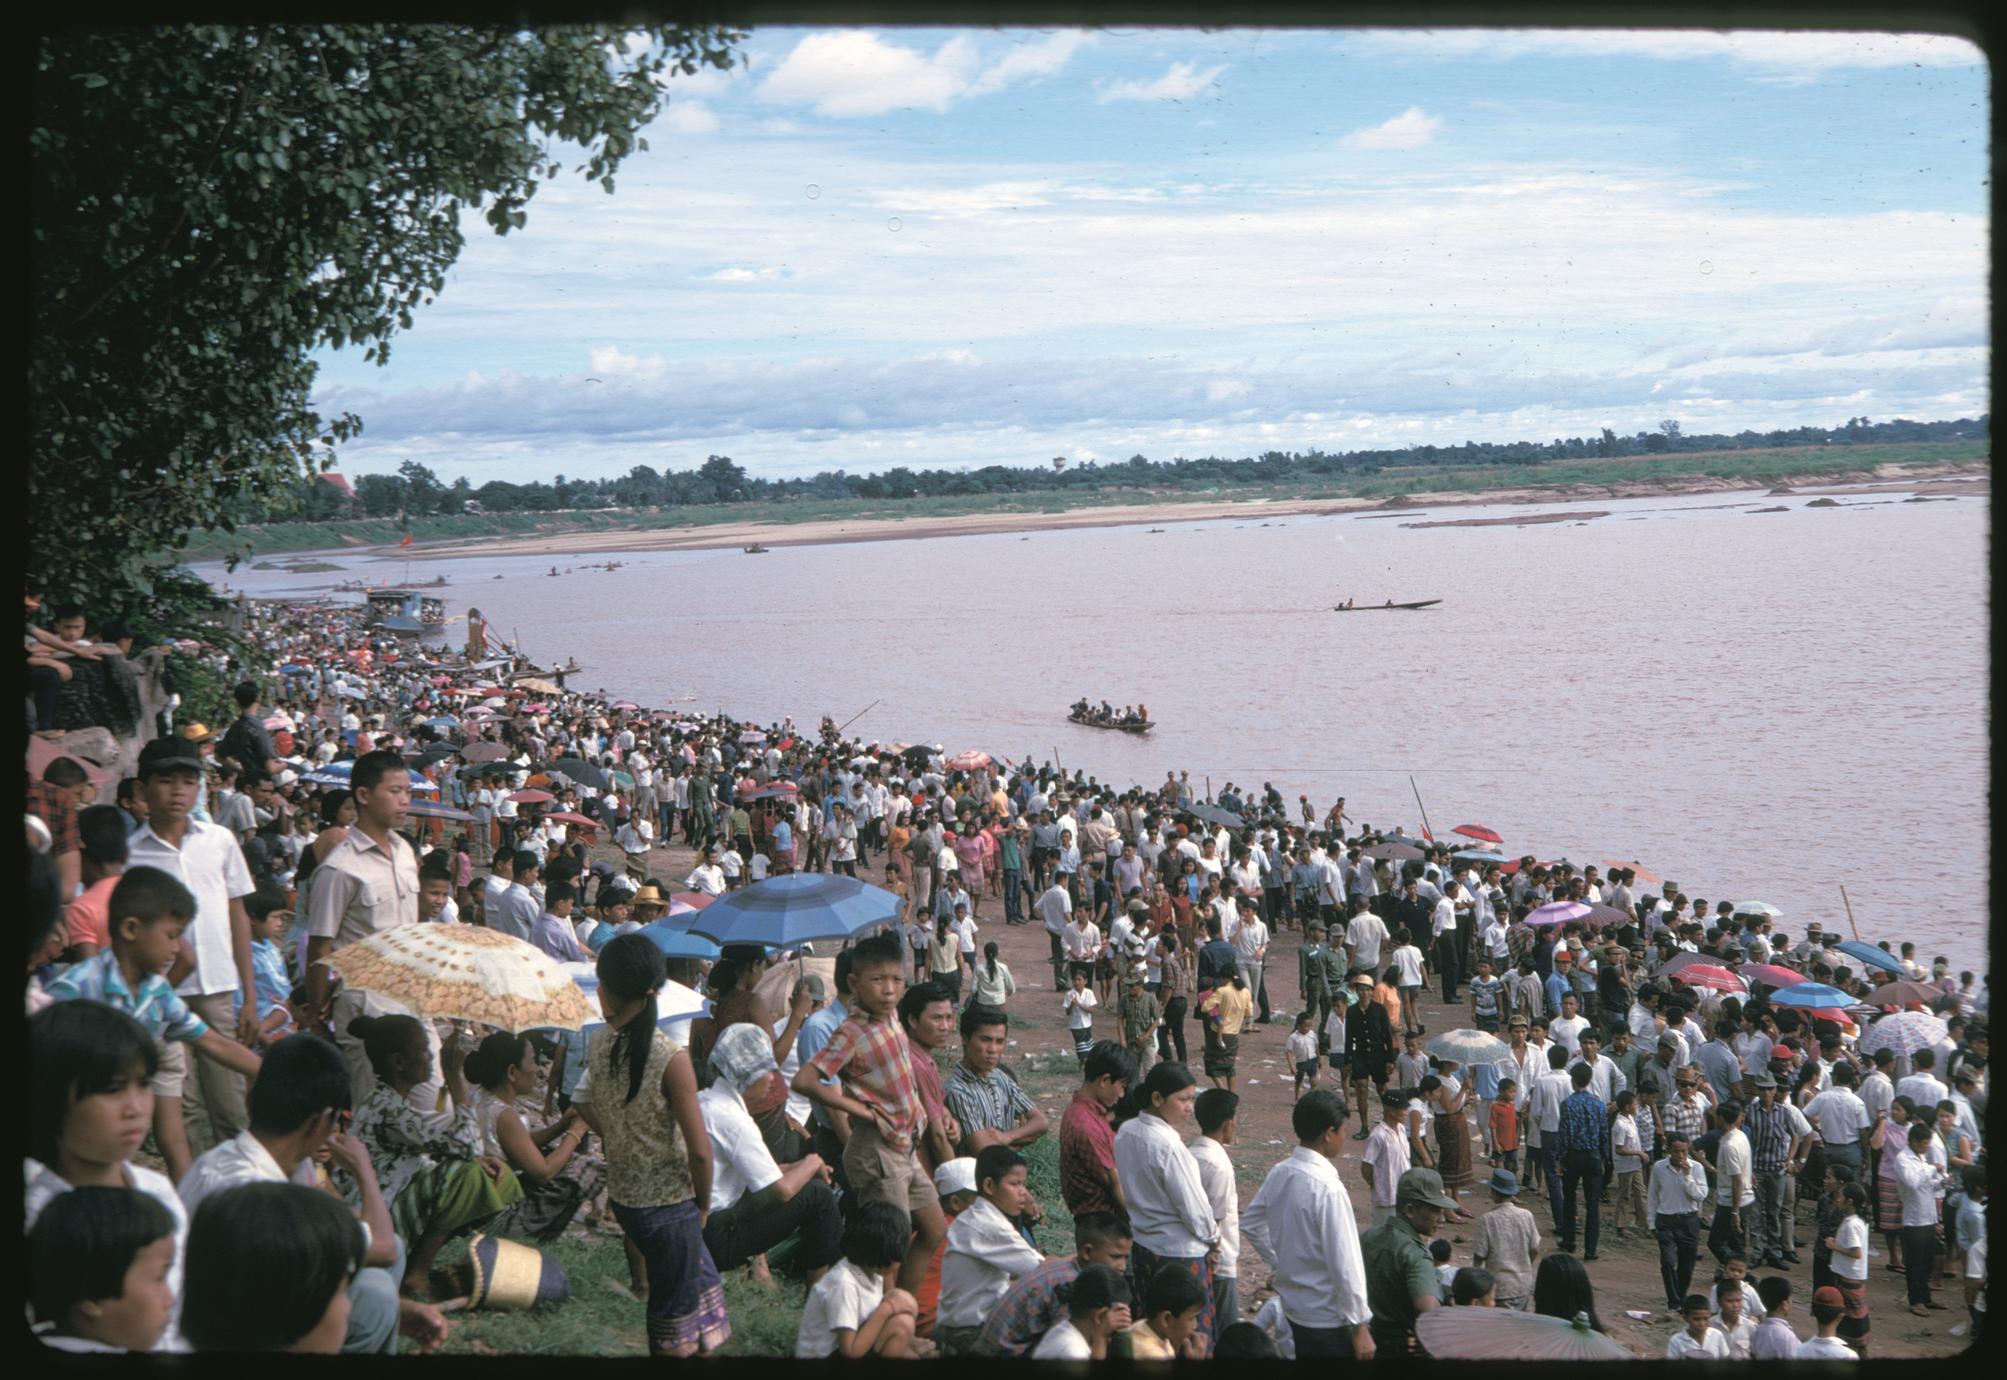 Boat races : crowd scene